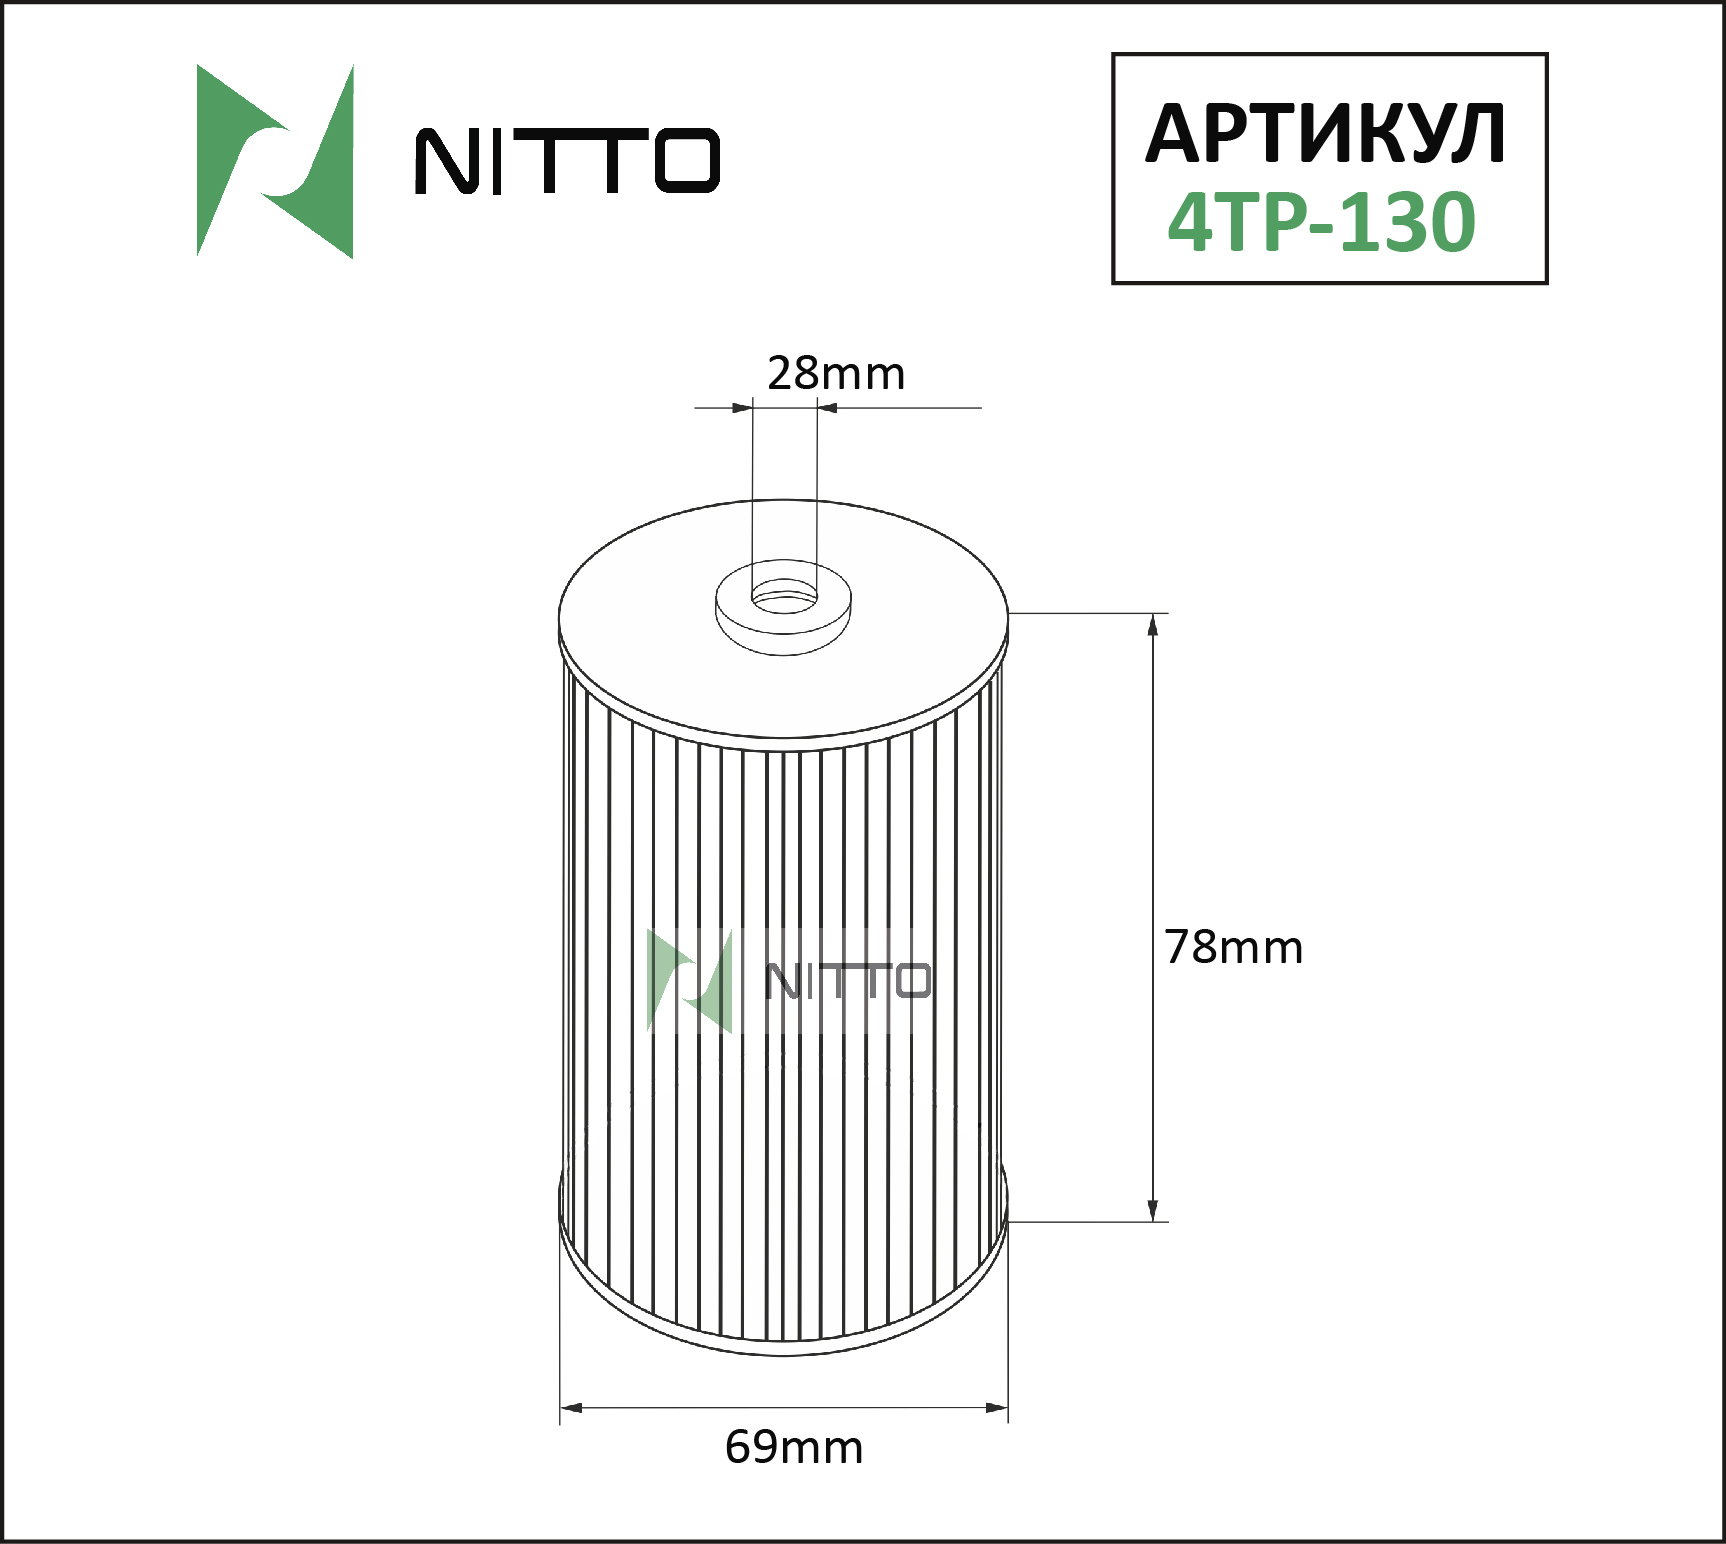 NITTO 4TP130 | Фильтр масляный Nitto | Купить в интернет-магазине Макс-Плюс: Автозапчасти в наличии и под заказ